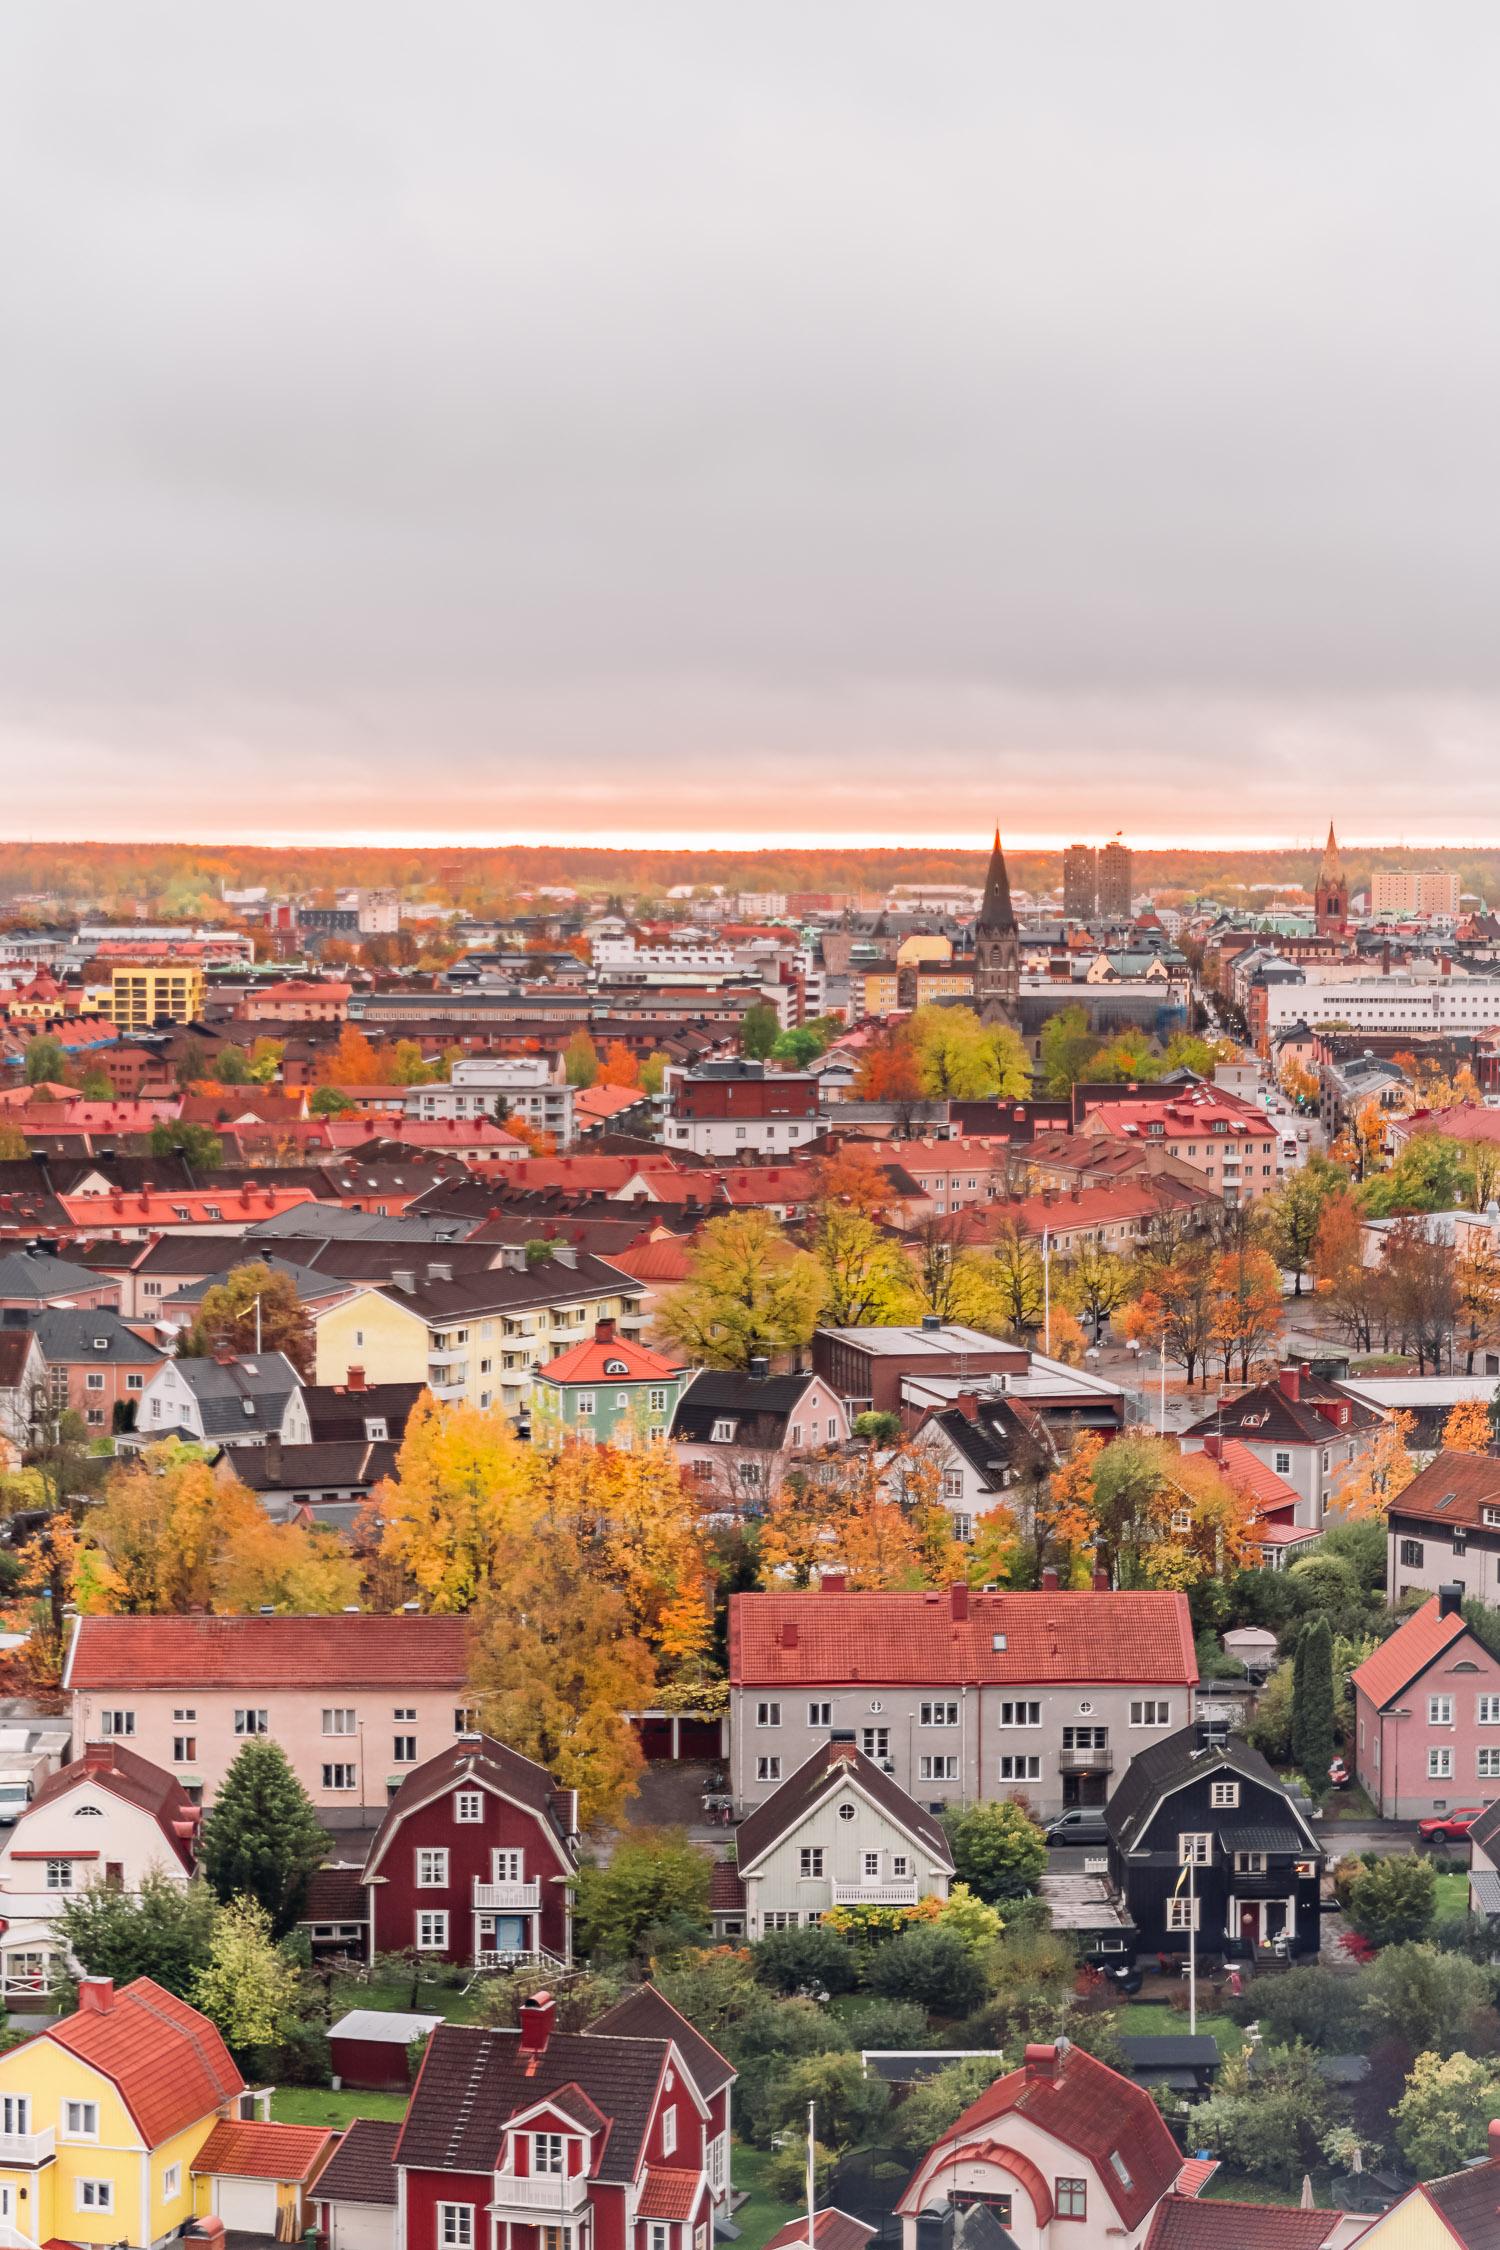 Vacker stadsutsikt från Svampen - Tips på saker att göra i Örebro